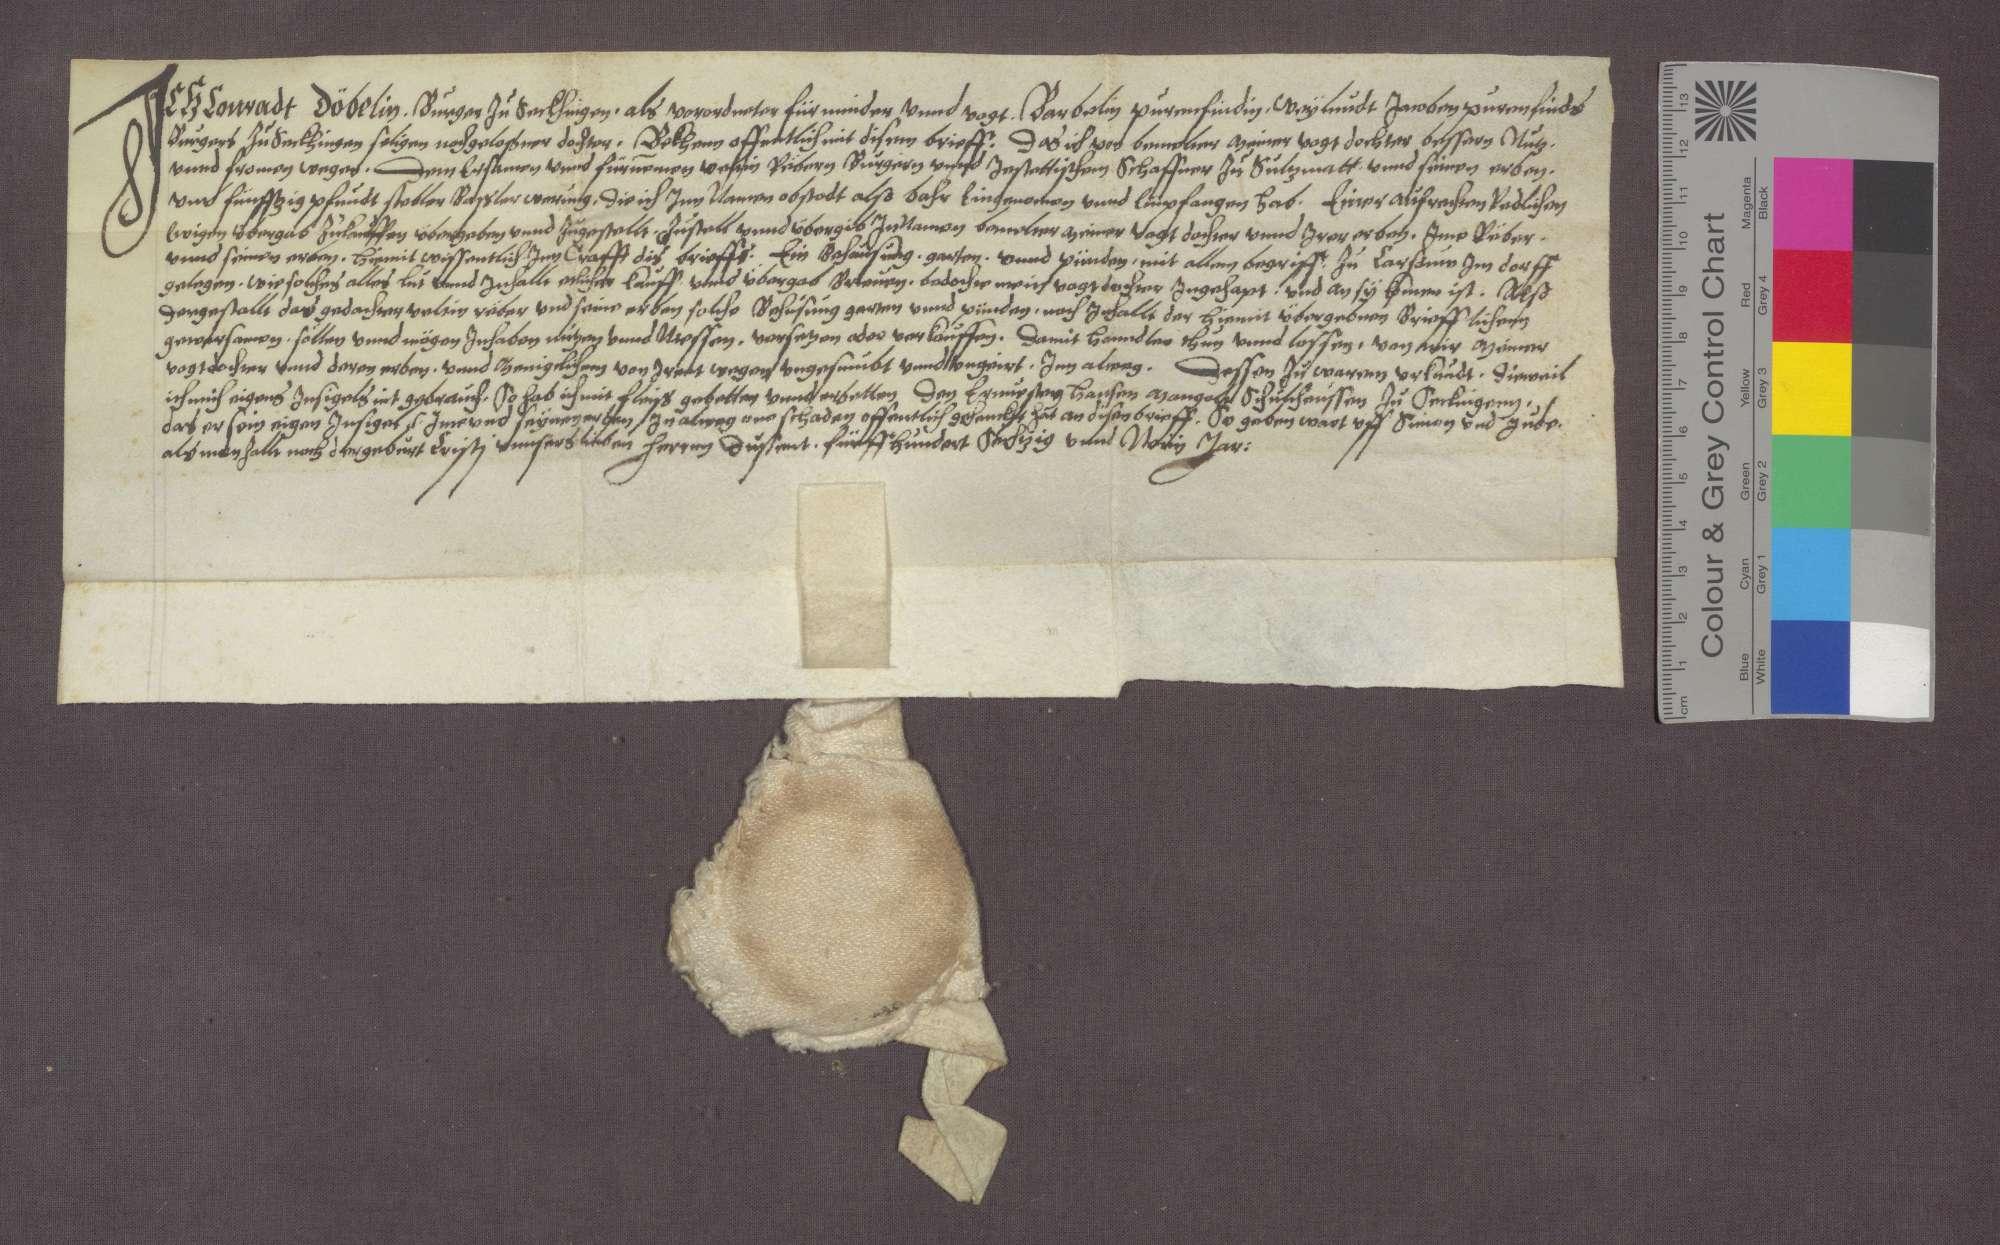 Barbelin, Tochter des verstorbenen Jakob Bauernfeind, verkauft an Veltin Reber zu Sulzmatt Behausung, Garten und Bünden zu Karsau um 50 Pfund Stebler., Bild 1